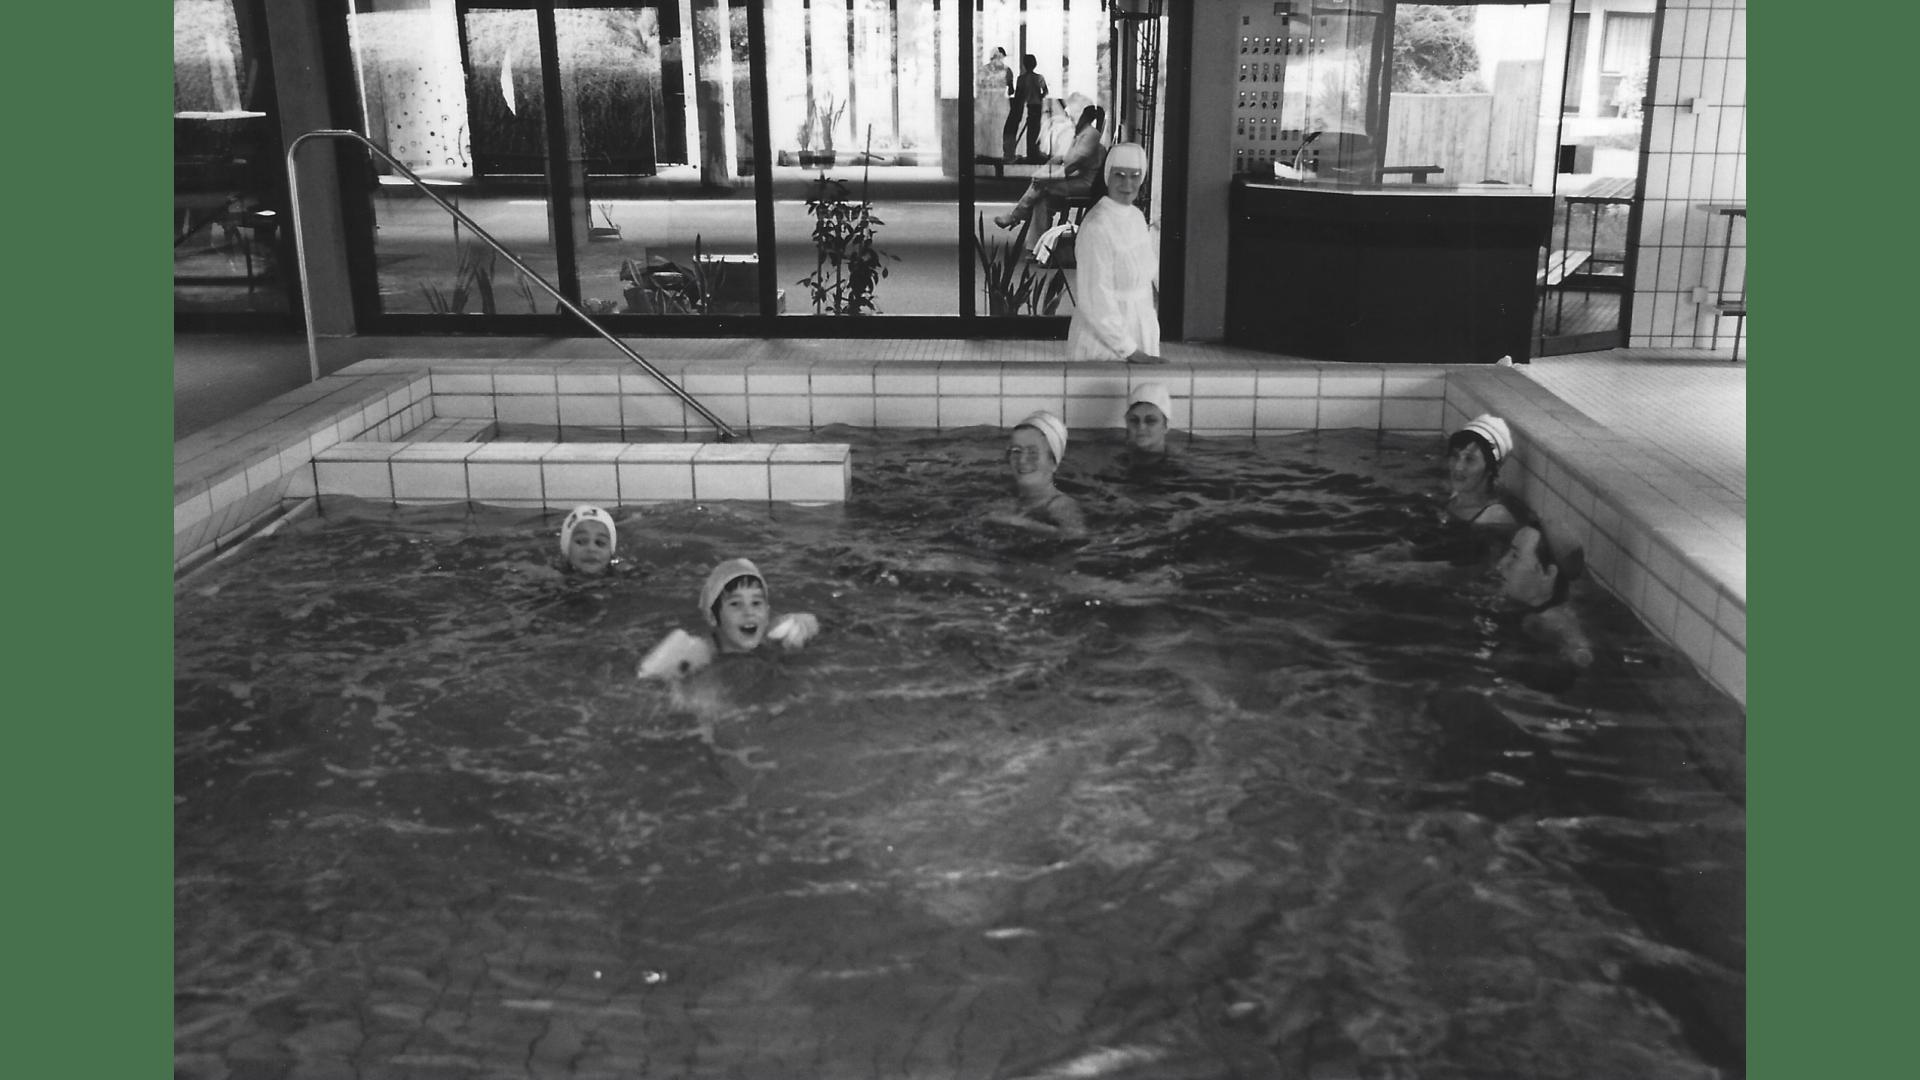 Schwester Heliodora die umsichtige und stets freundliche Akteurin bei der Aufsicht im Schwimmbad. Foto; Archiv Arme Schulschwestern